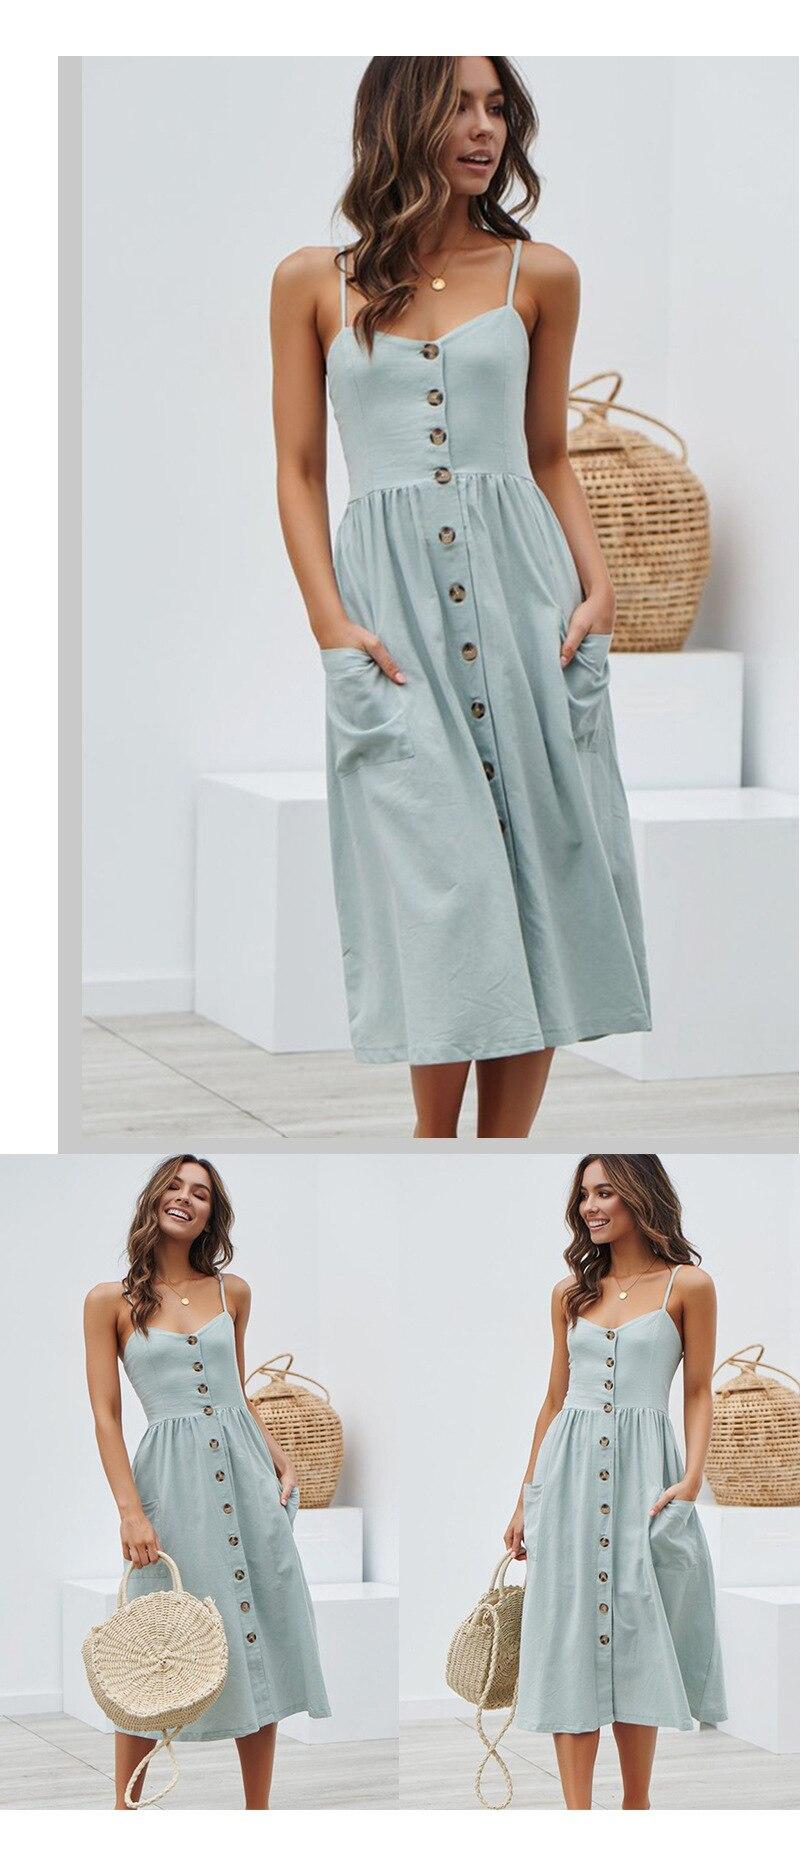 Button Striped Print Cotton Linen Casual Summer Dress 19 Sexy Spaghetti Strap V-neck Off Shoulder Women Midi Dress Vestidos 3